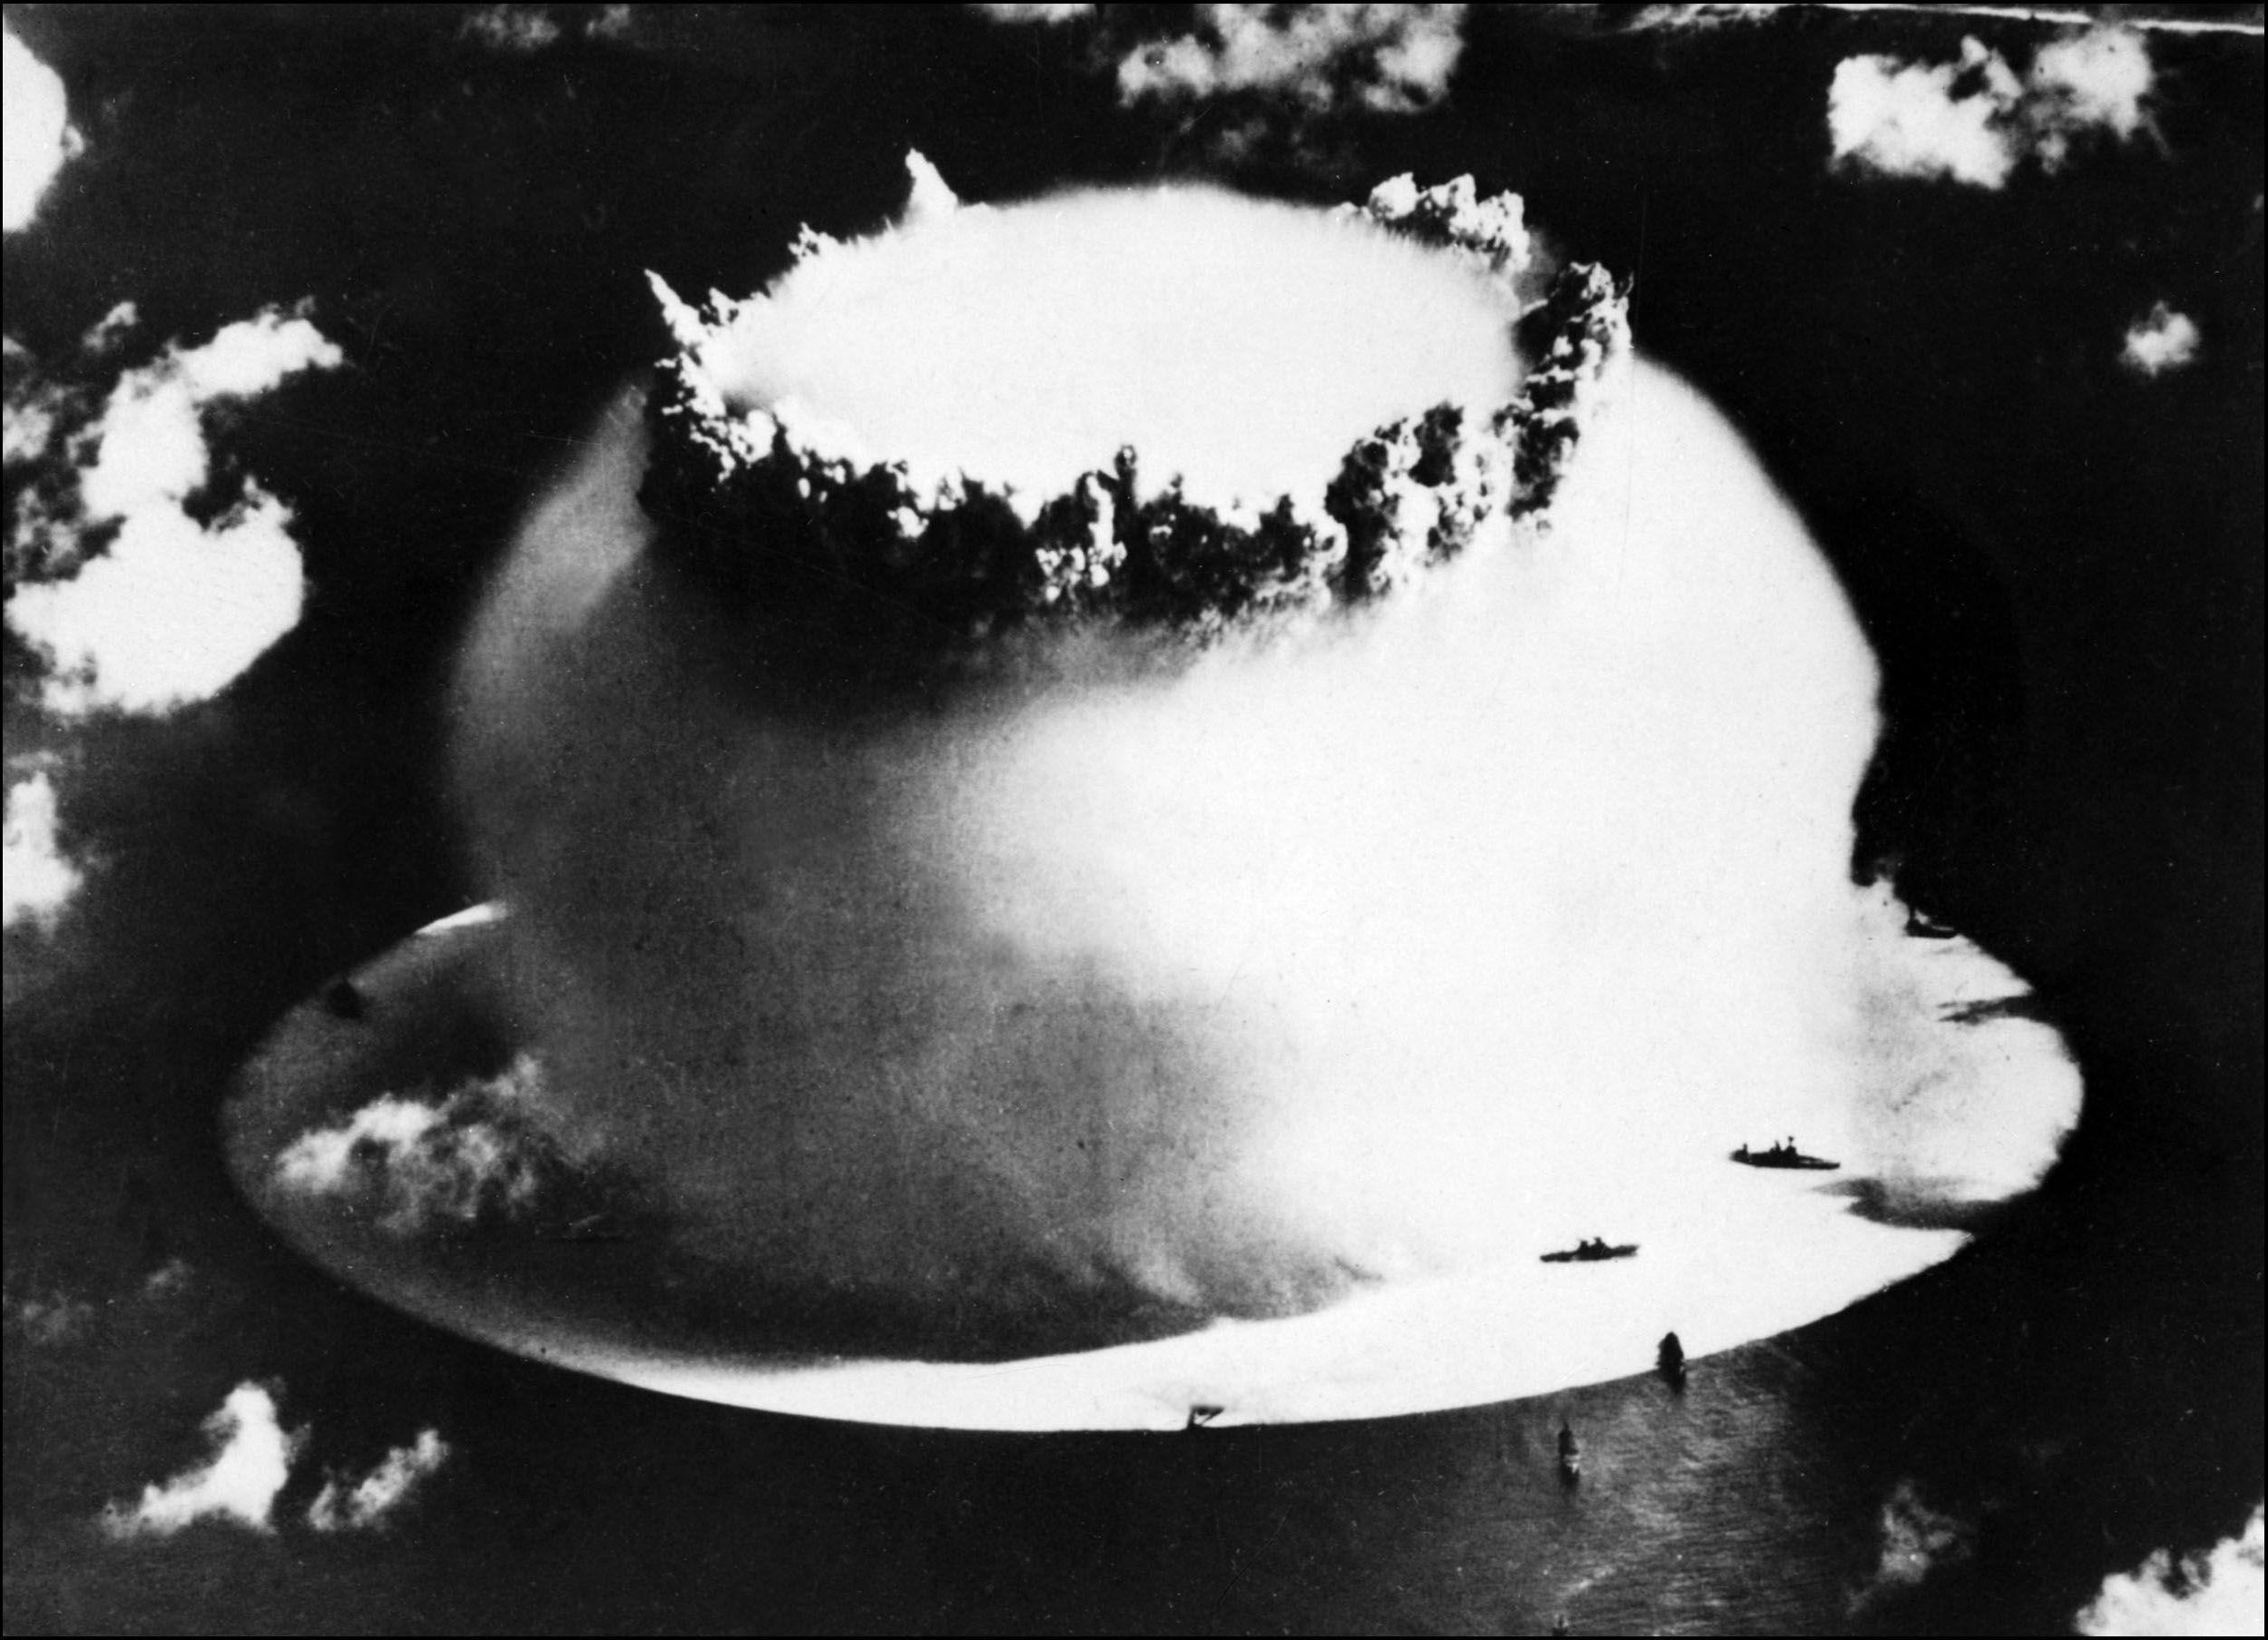 Le champignon après l'explosion d'une bombe atomique lors des essais nucléaires US sur l'atoll de Bikini, 1946